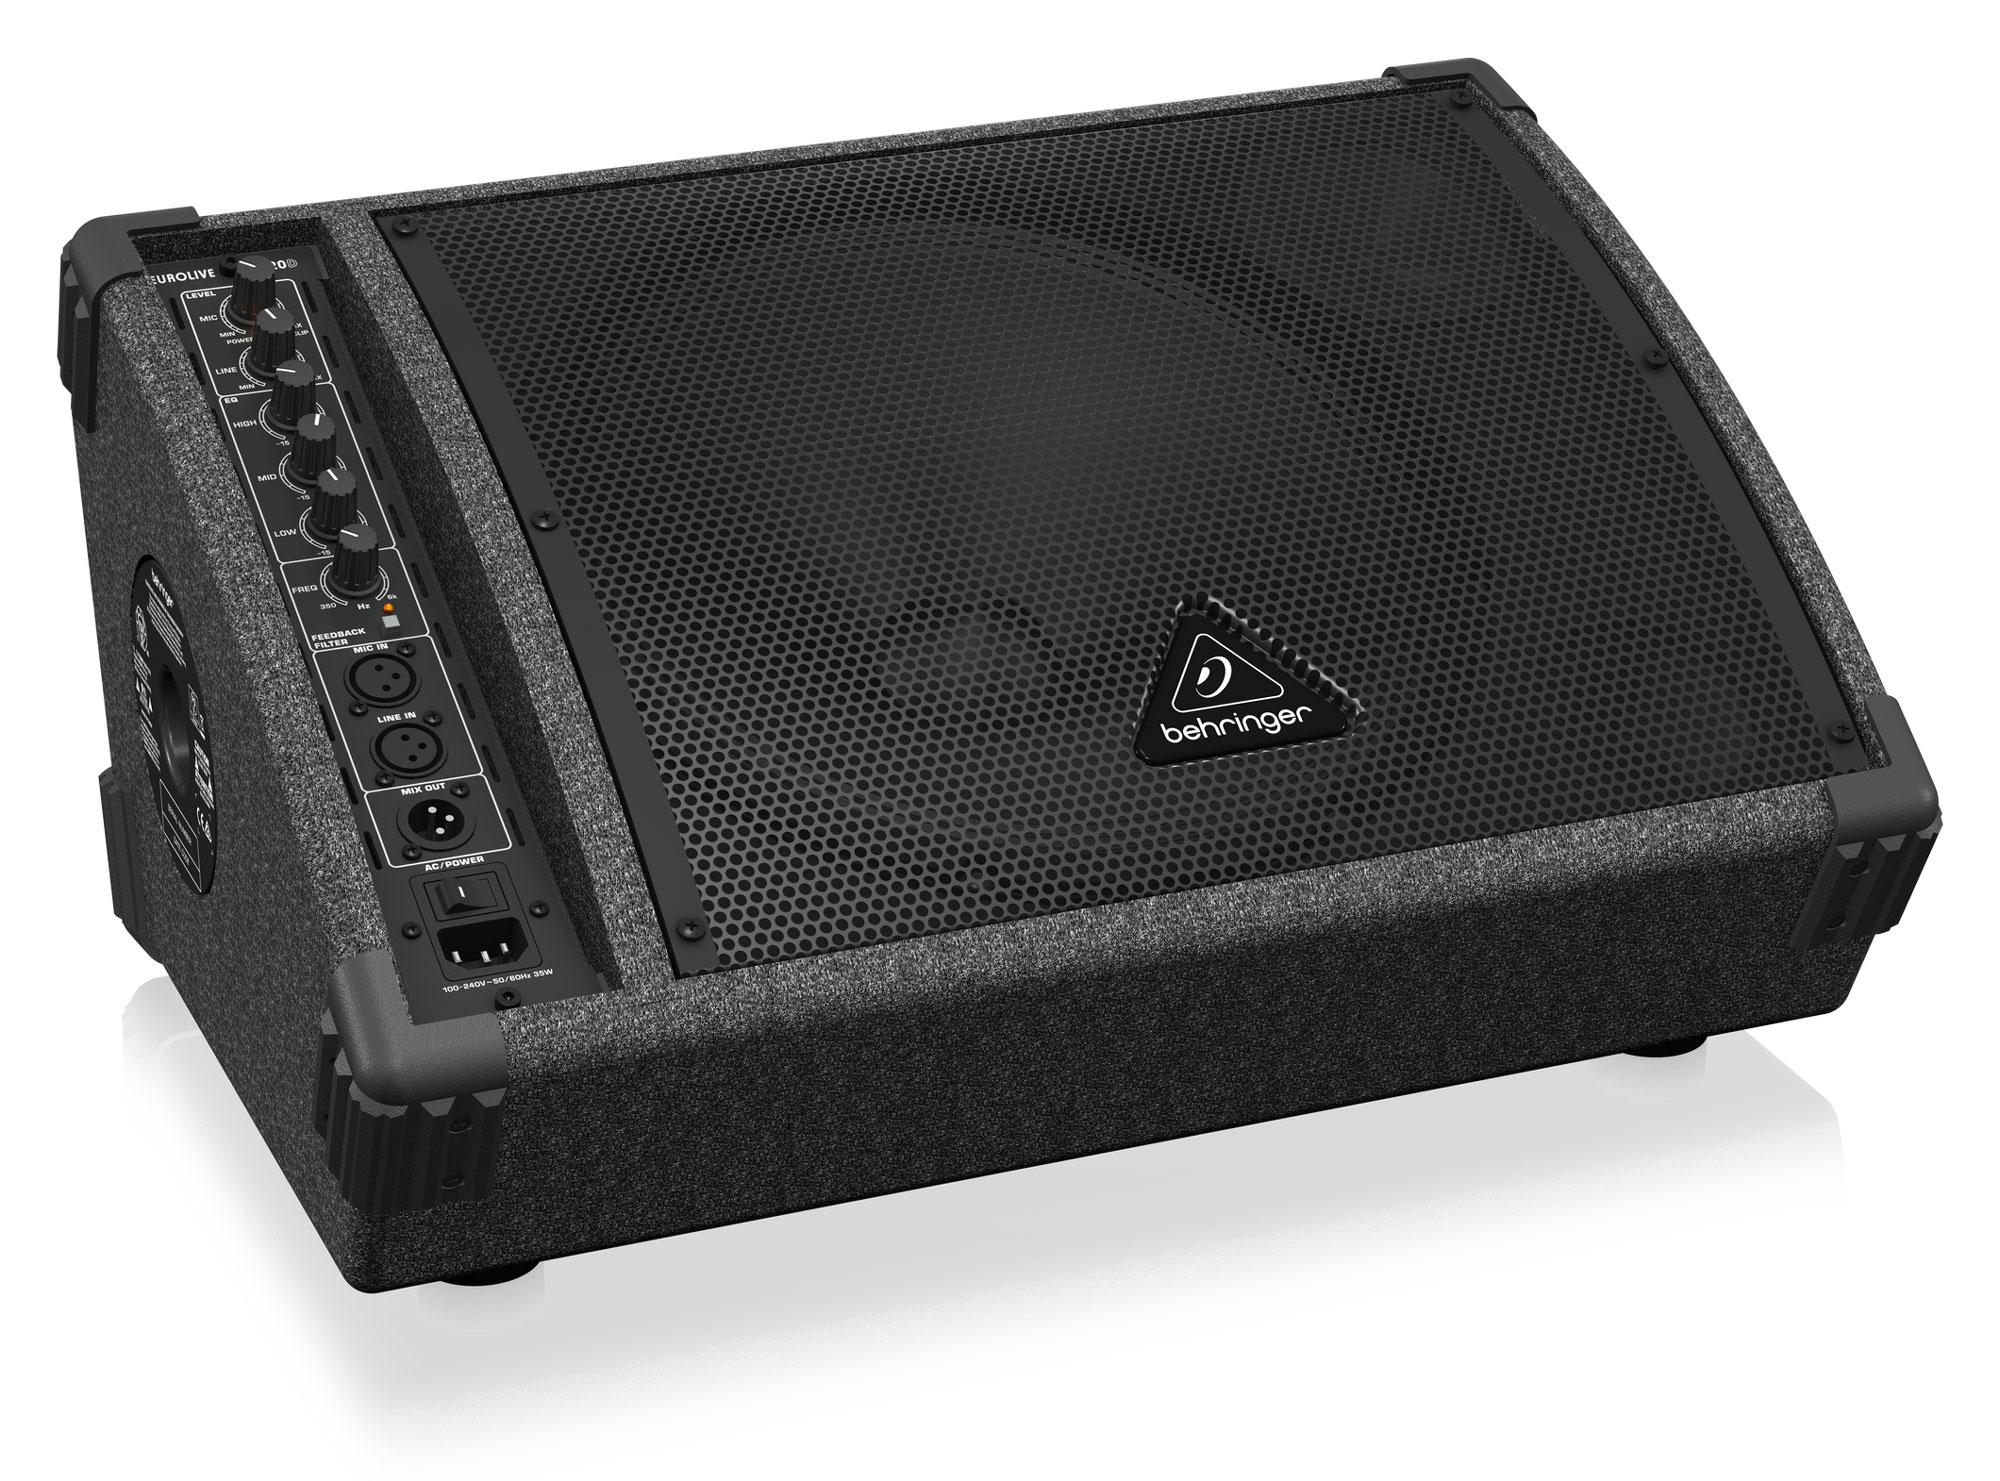 Paboxen - Behringer F1220D Eurolive Box Lautsprecher - Onlineshop Musikhaus Kirstein